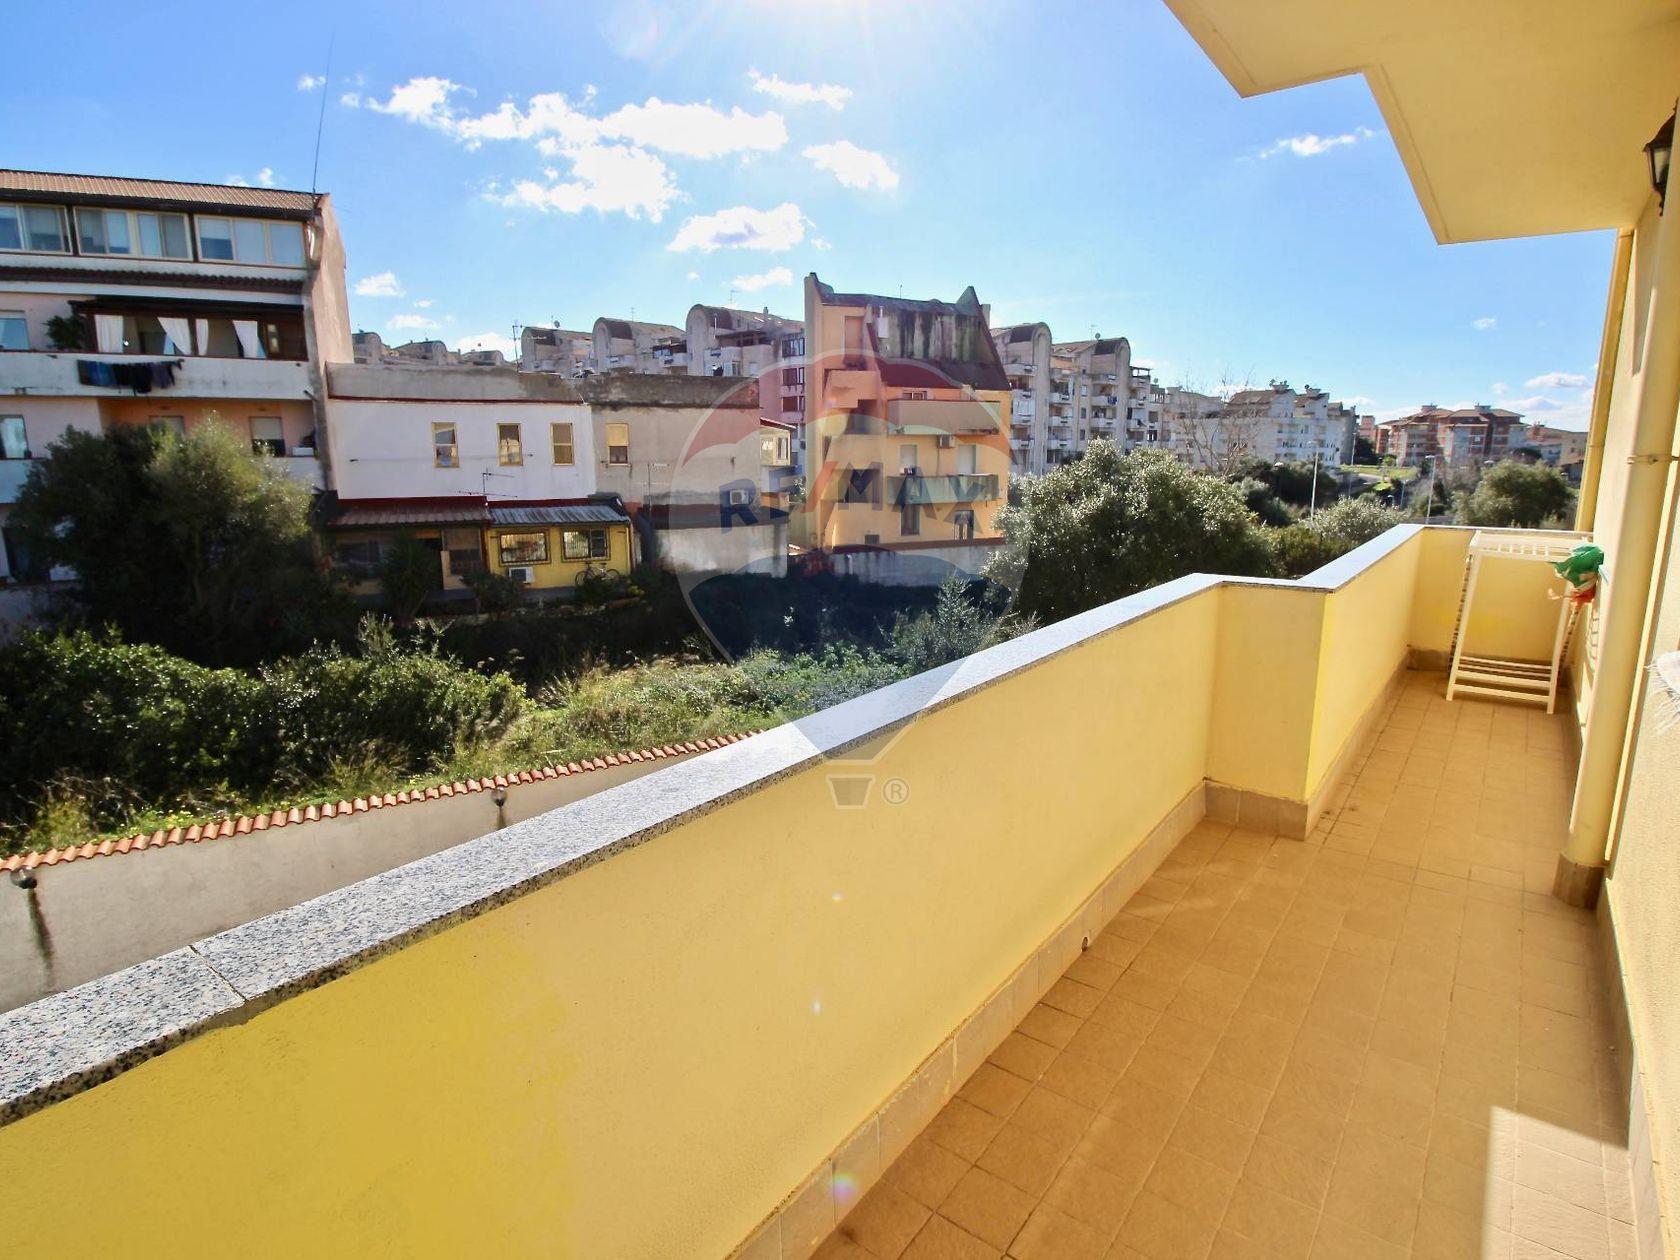 Appartamento Ss-sassari 2, Sassari, SS Vendita - Foto 20